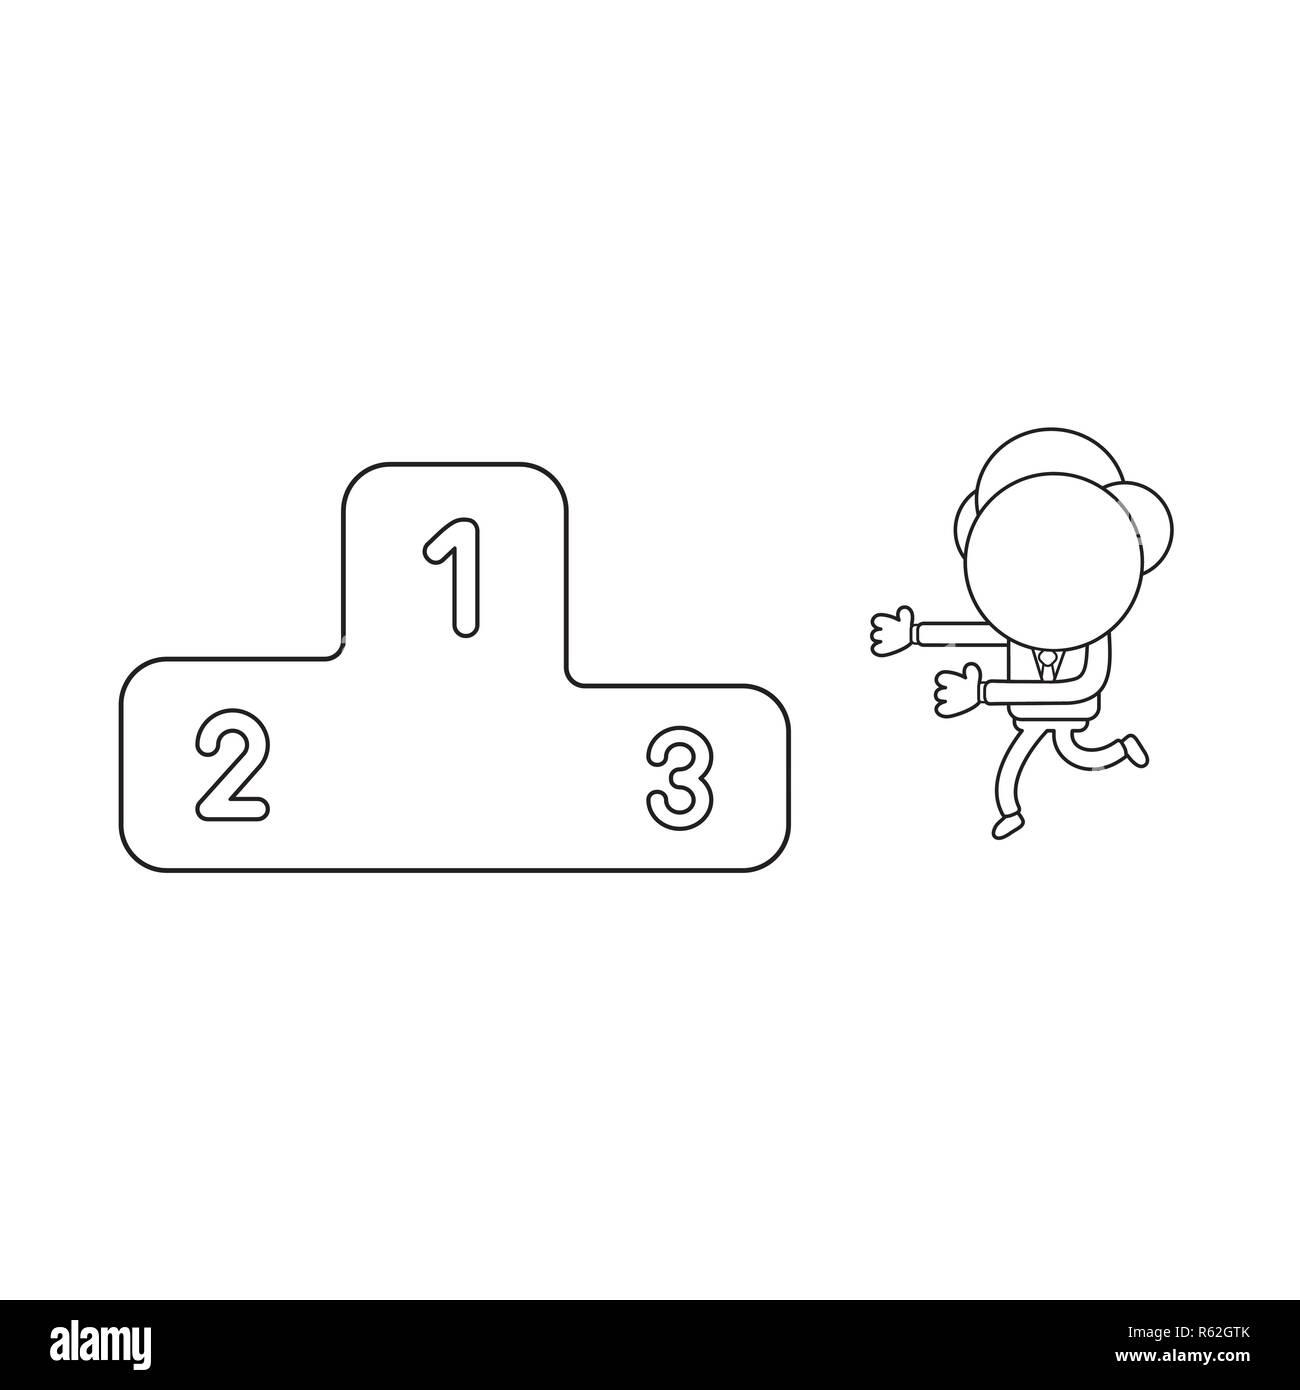 96969b133d Ilustración vectorial concepto de empresario personaje ejecutando al podio  de los ganadores. Contorno negro.